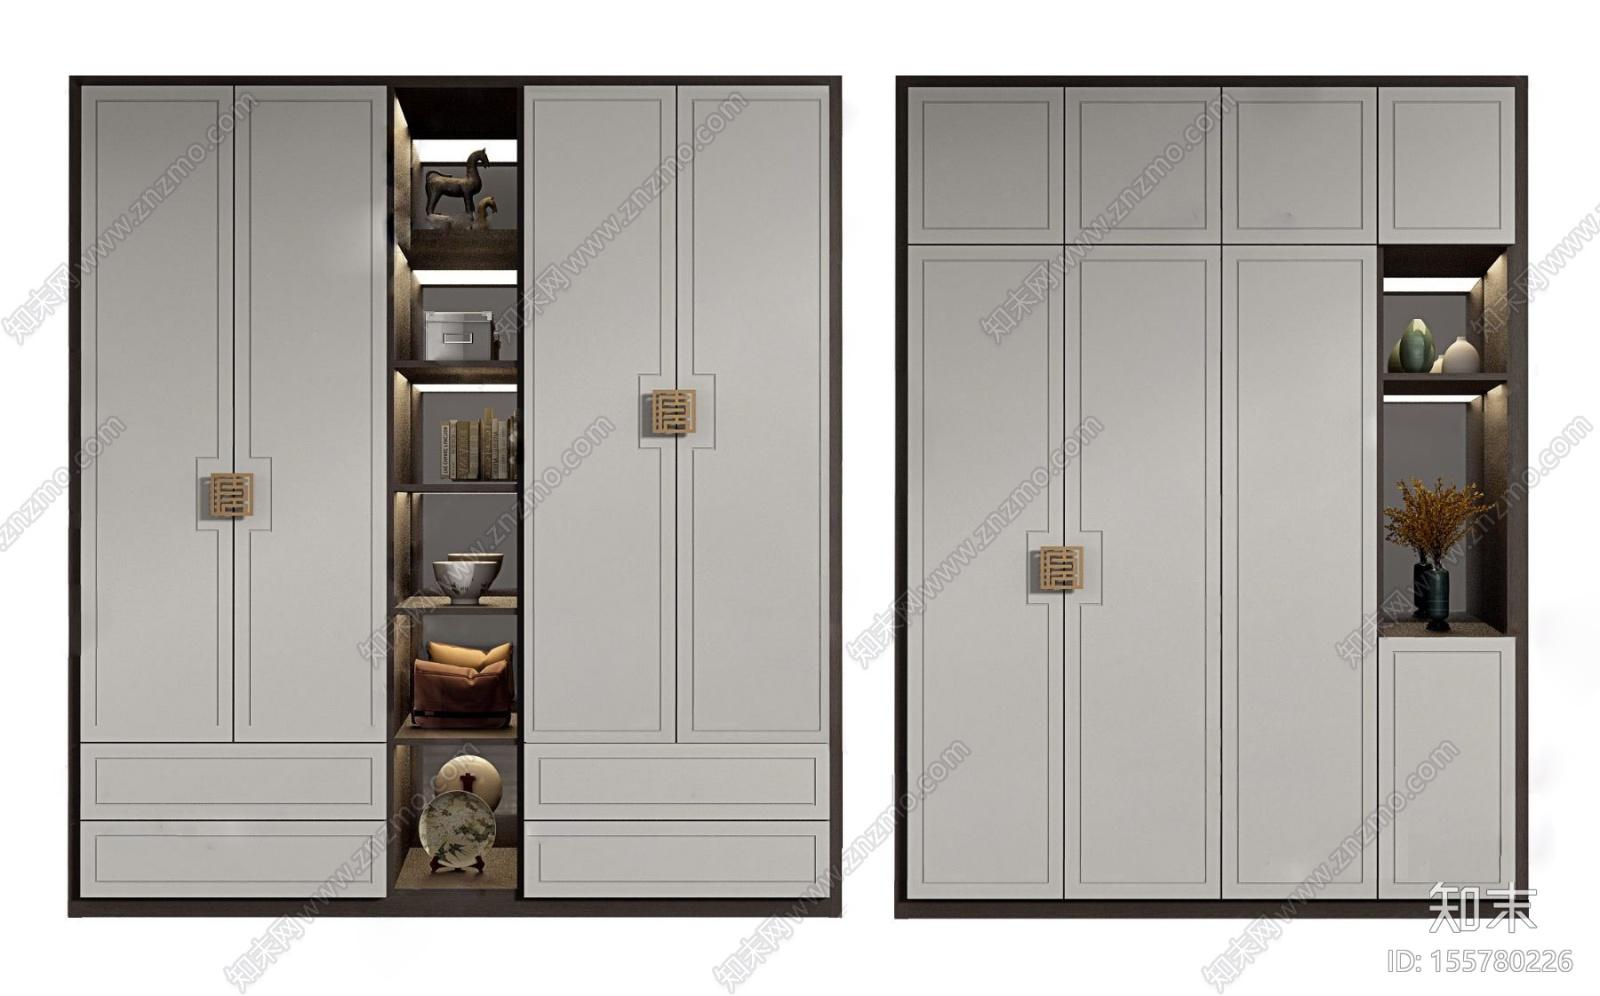 新中式实木衣柜3d模型3D模型下载【ID:155780226】